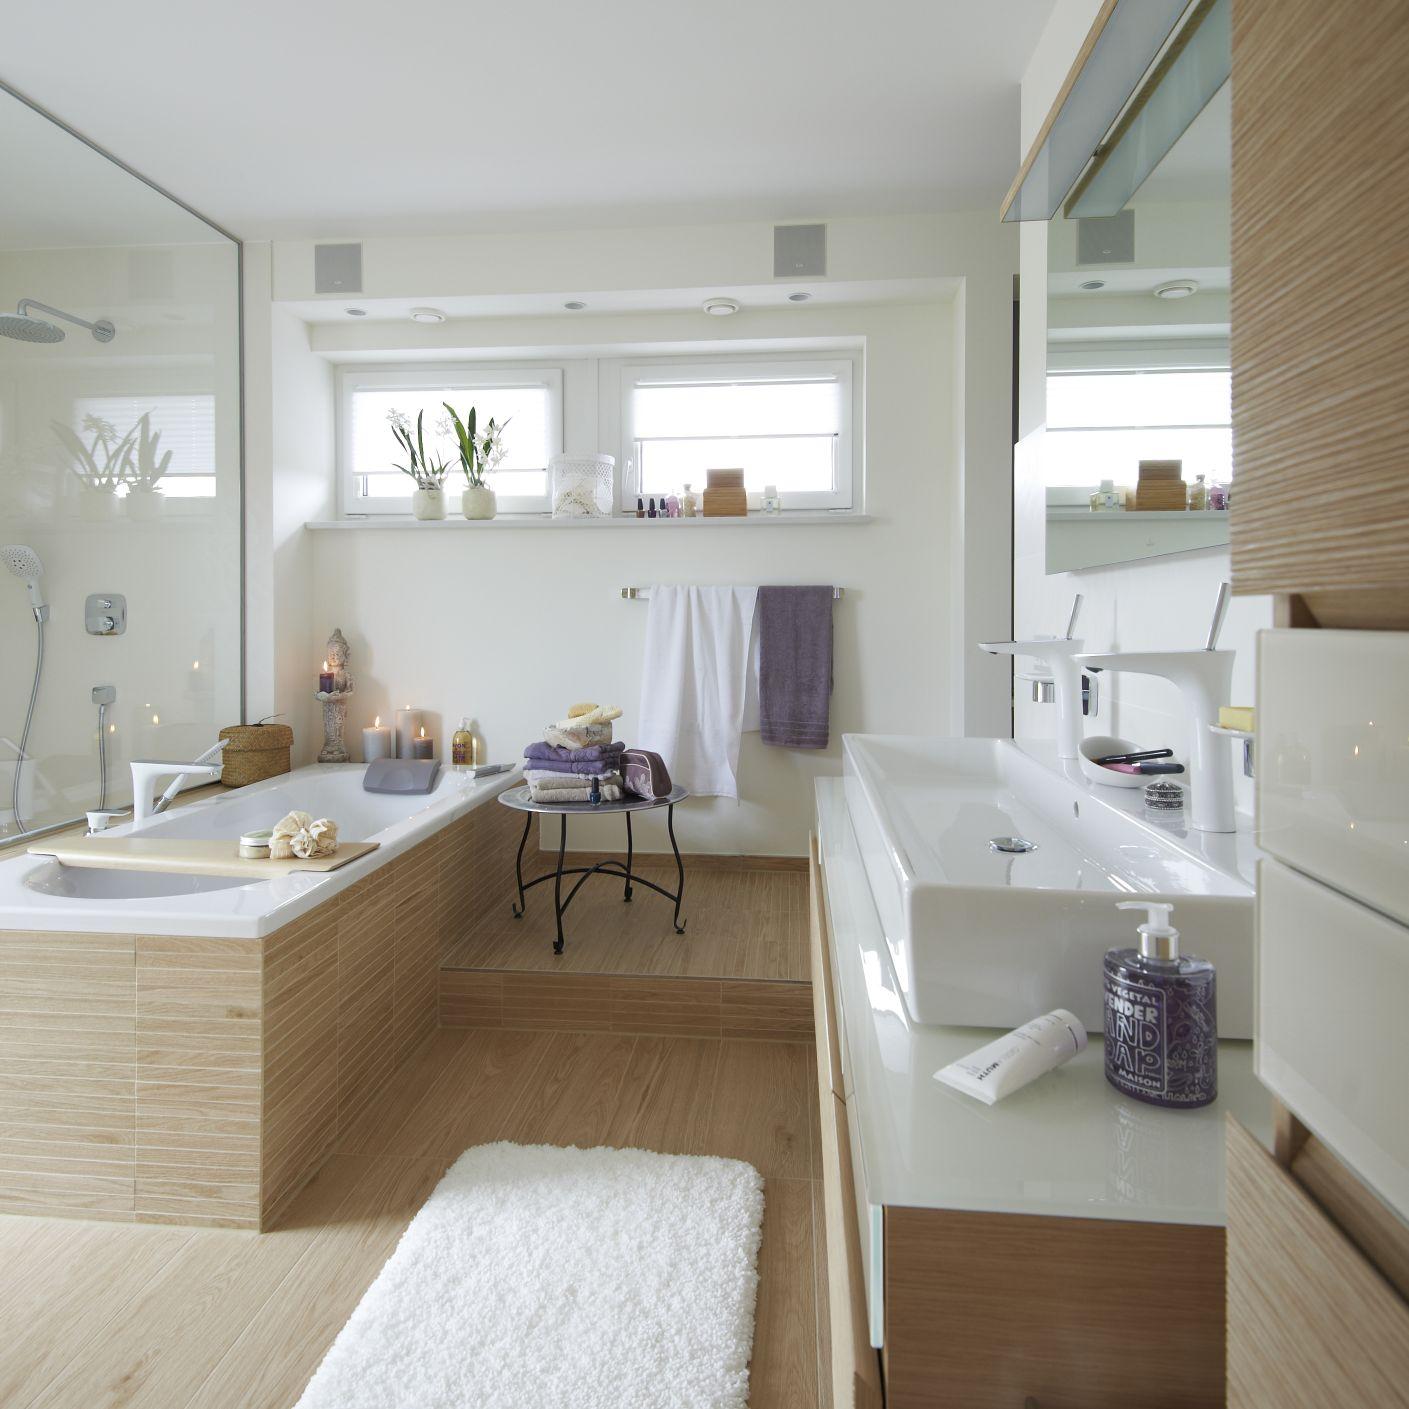 Schlafzimmer dachgeschoss modern: schlafzimmer dachgeschoss with ...